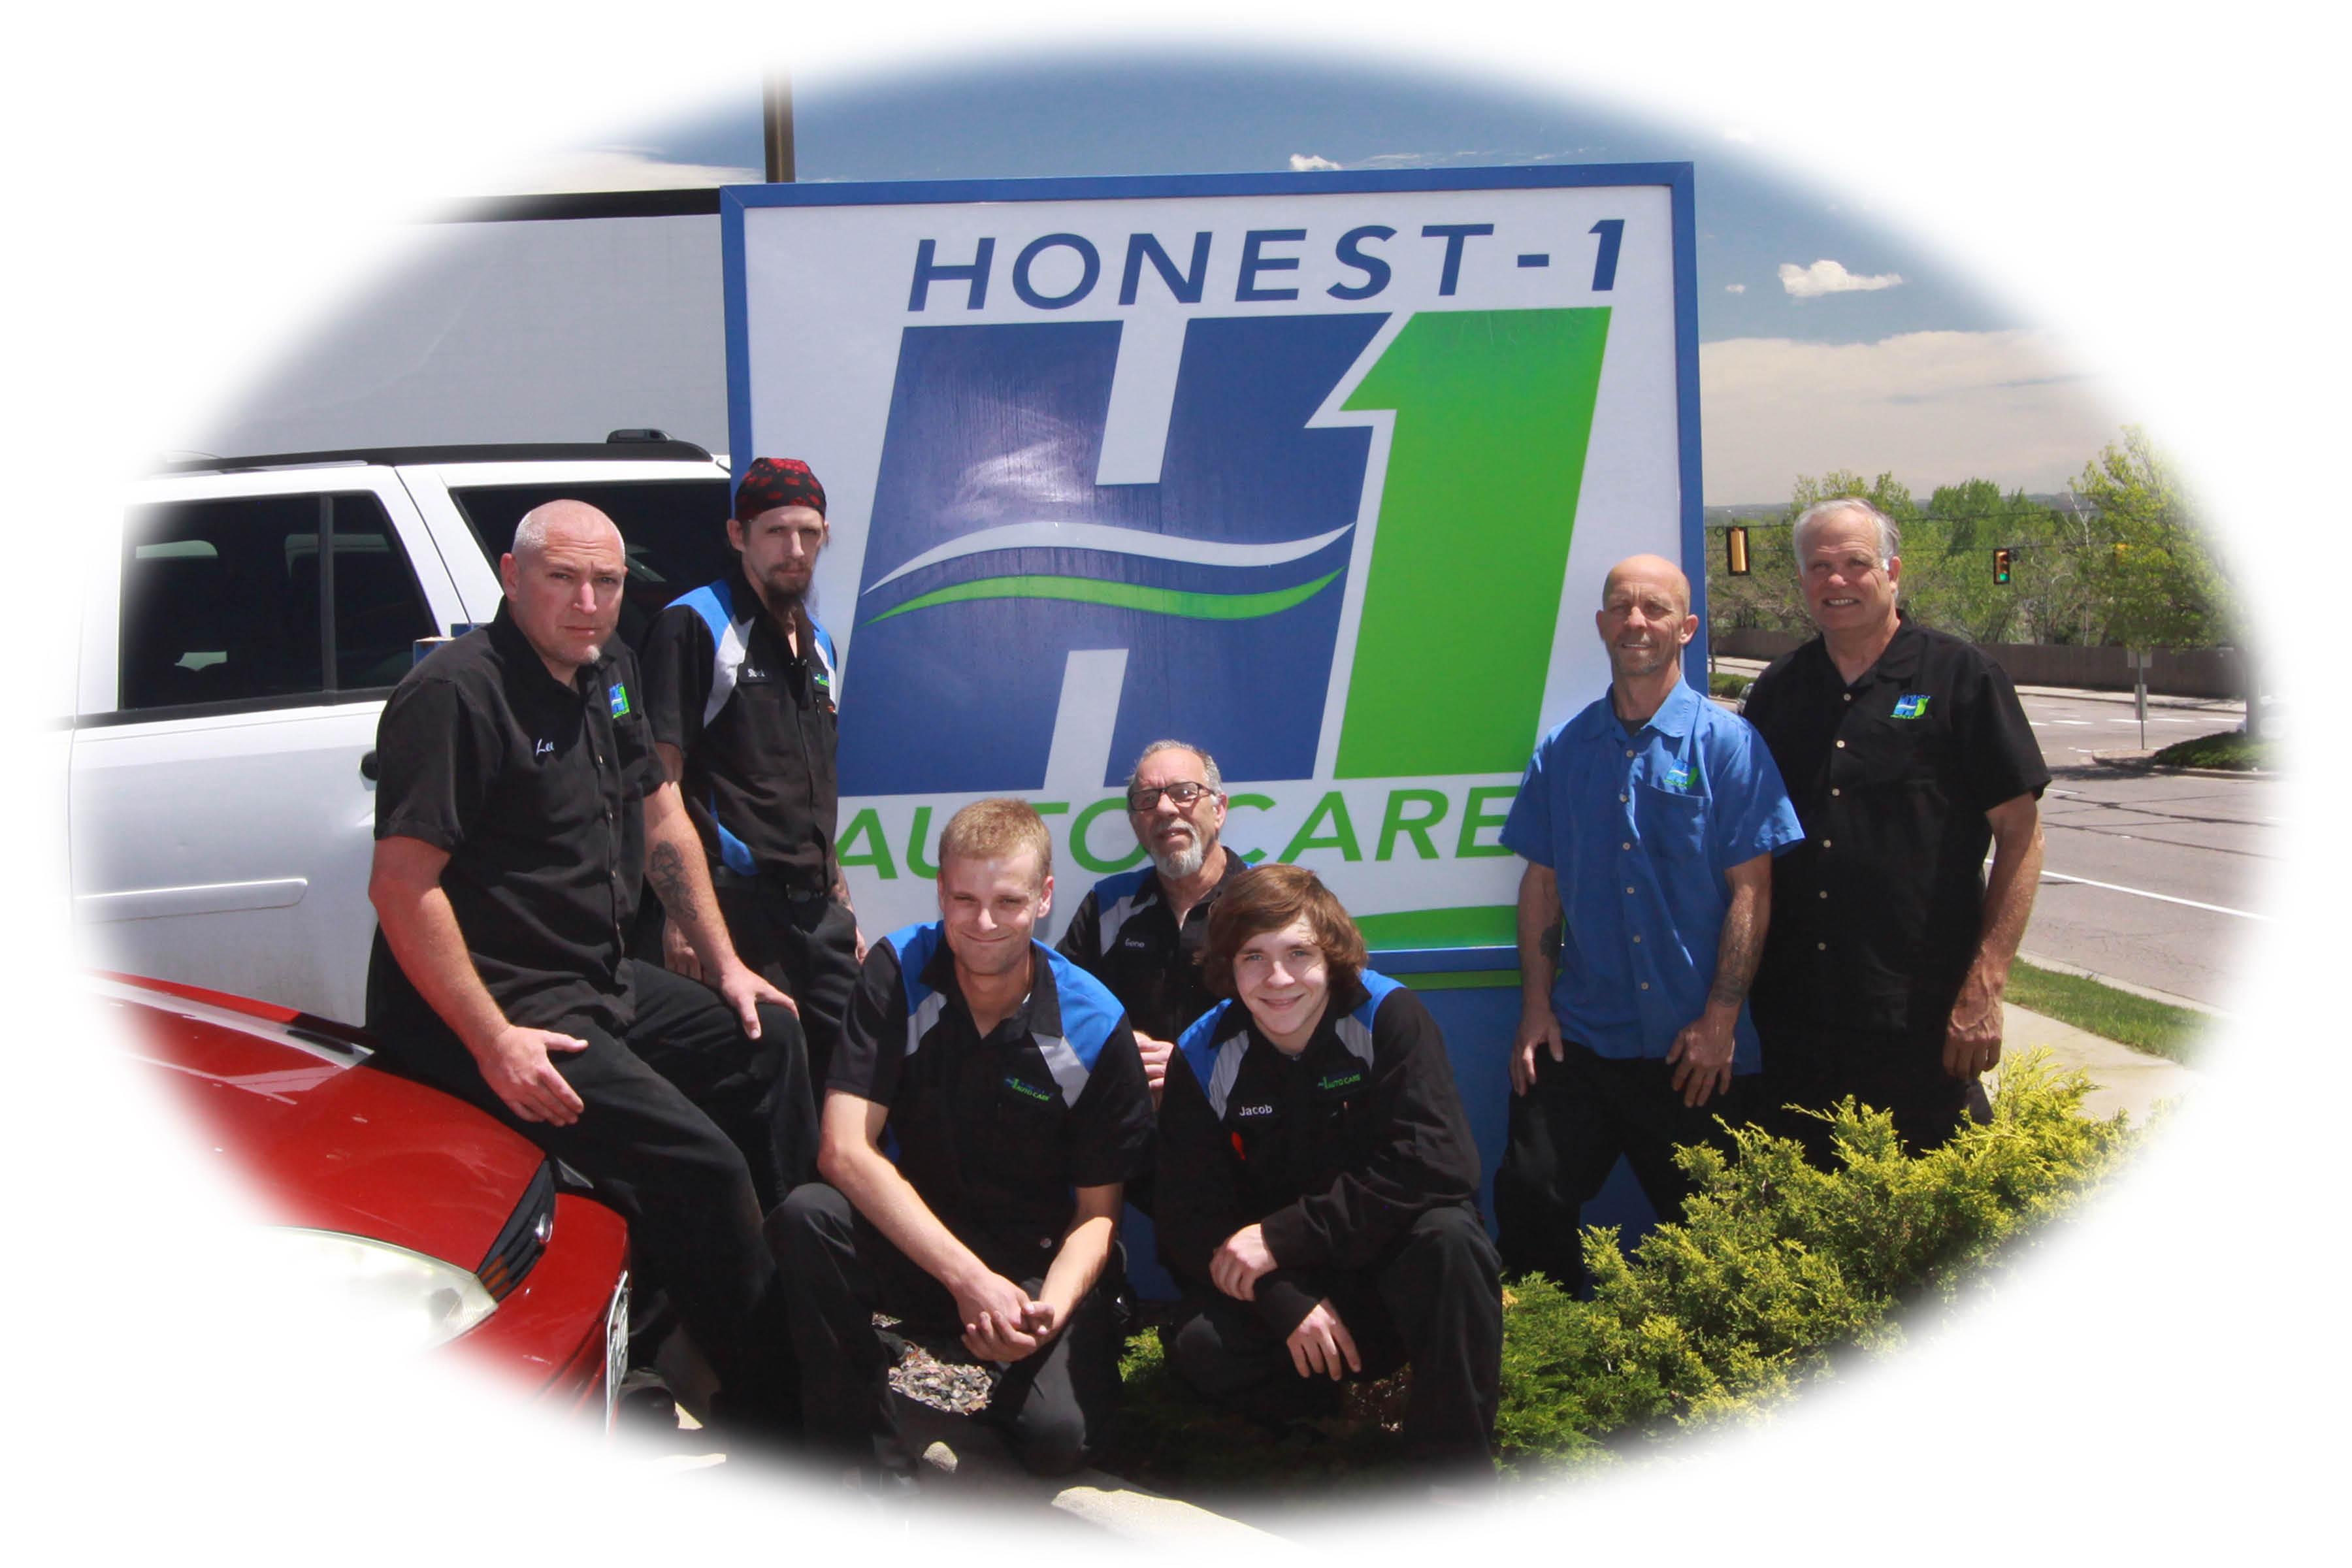 honest 1 auto care littleton factory trained auto repair technicians